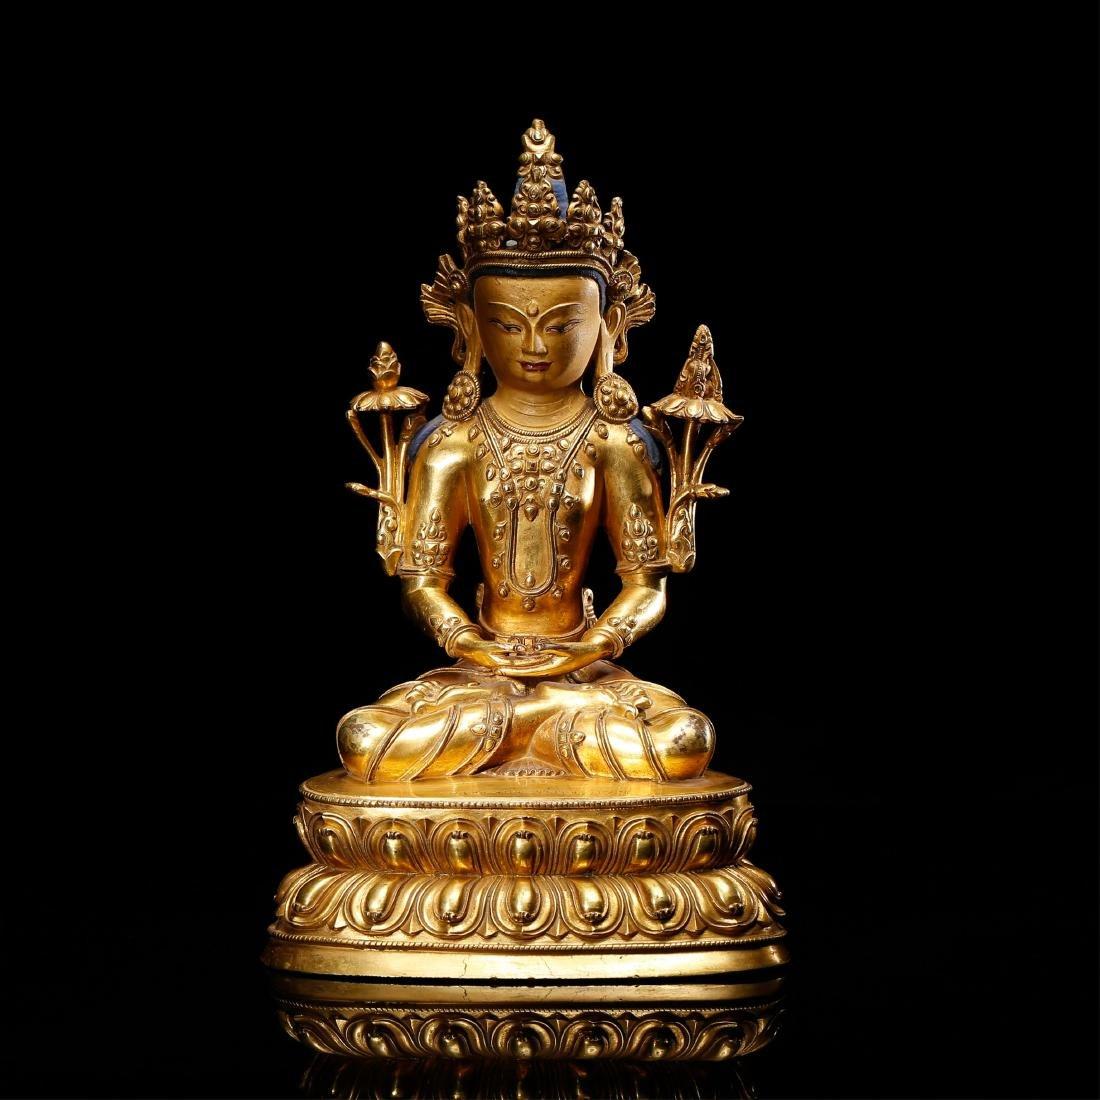 CHINESE GILT BRONZE FIGURE OF BUDDHA